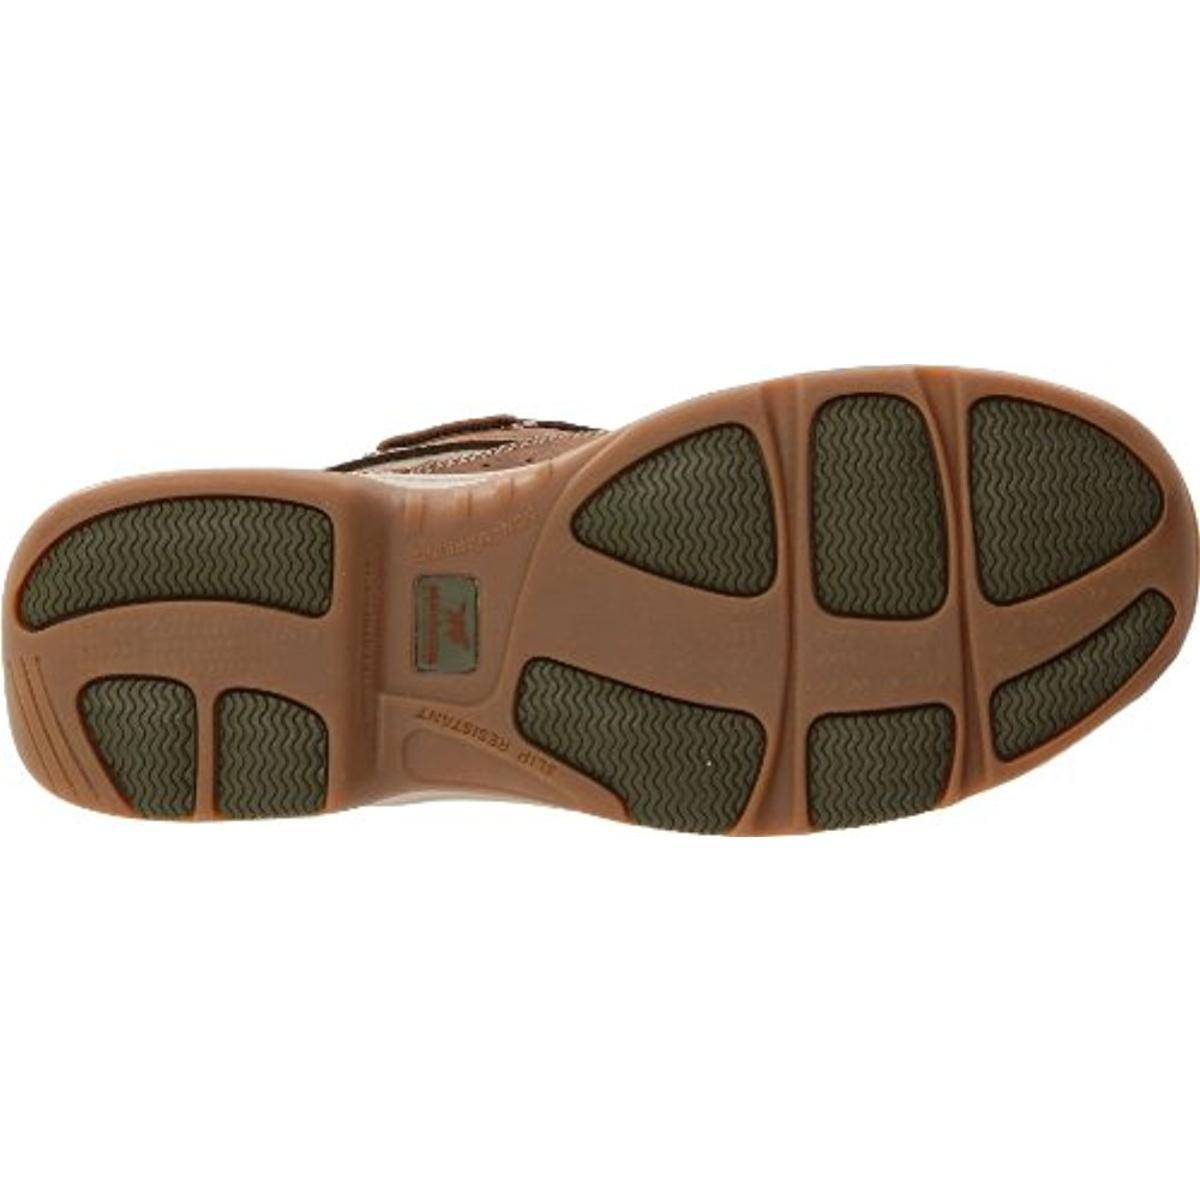 24b975bb381 Irish Setter Mens Lakeside Leather Slip Resistant Boat Shoes